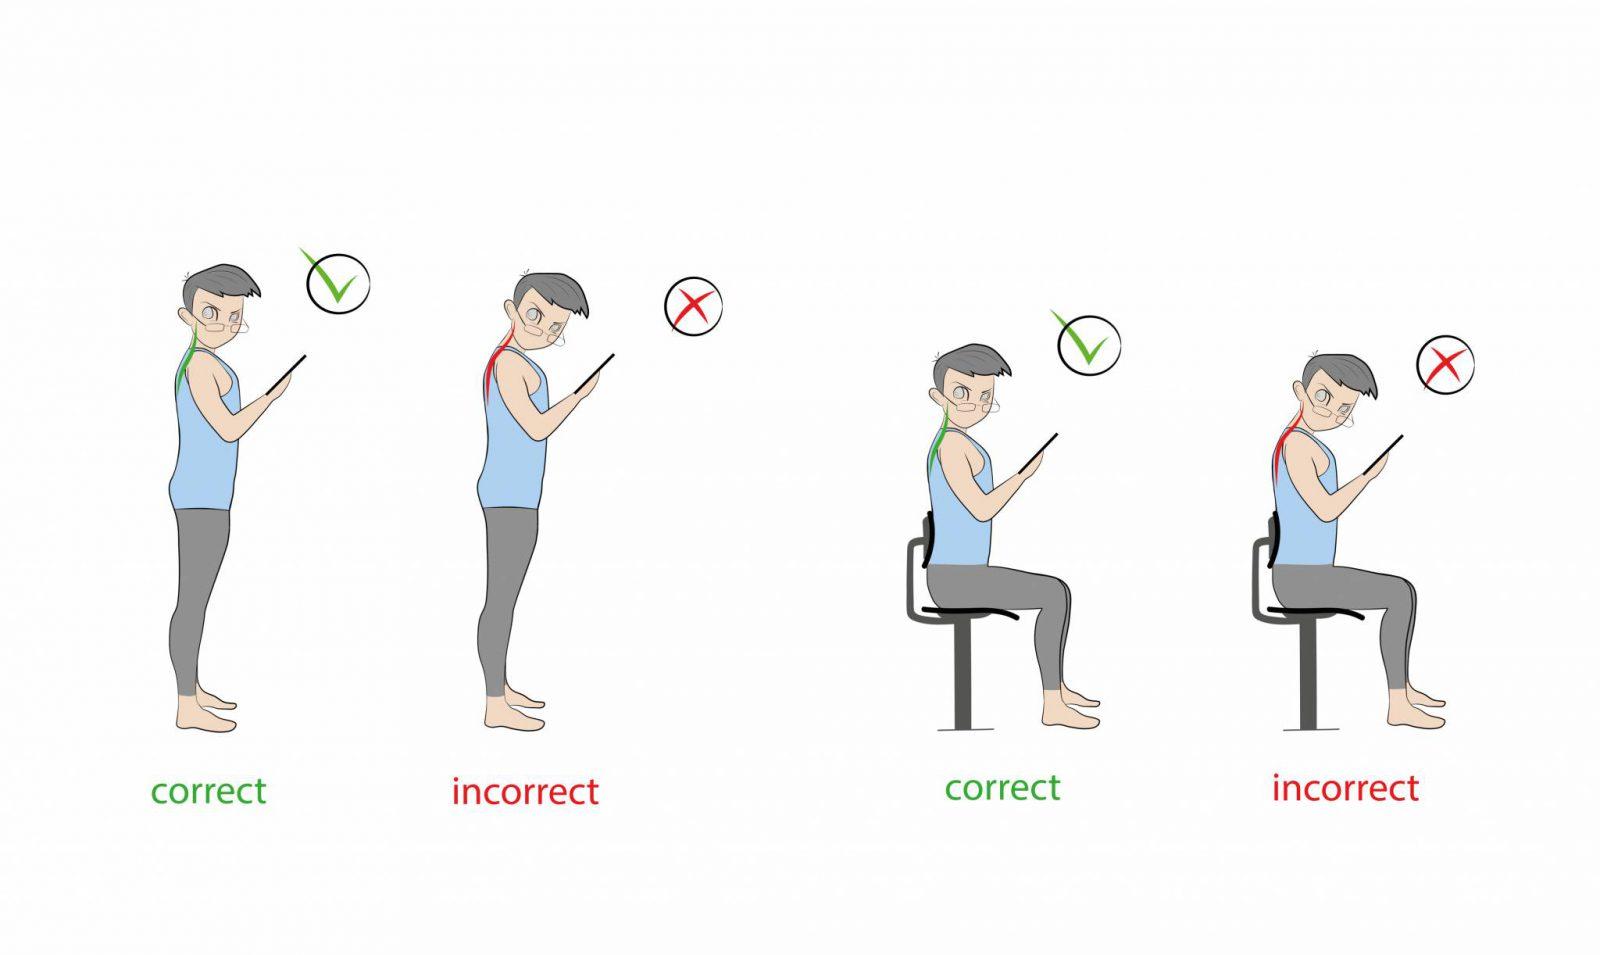 Nieustanne kontrolowanie właściwej postawy może być trudne, znacznie łatwiejsze i zdrowsze będzie ograniczenie czasu spędzonego z komórką. (Fot. iStock)